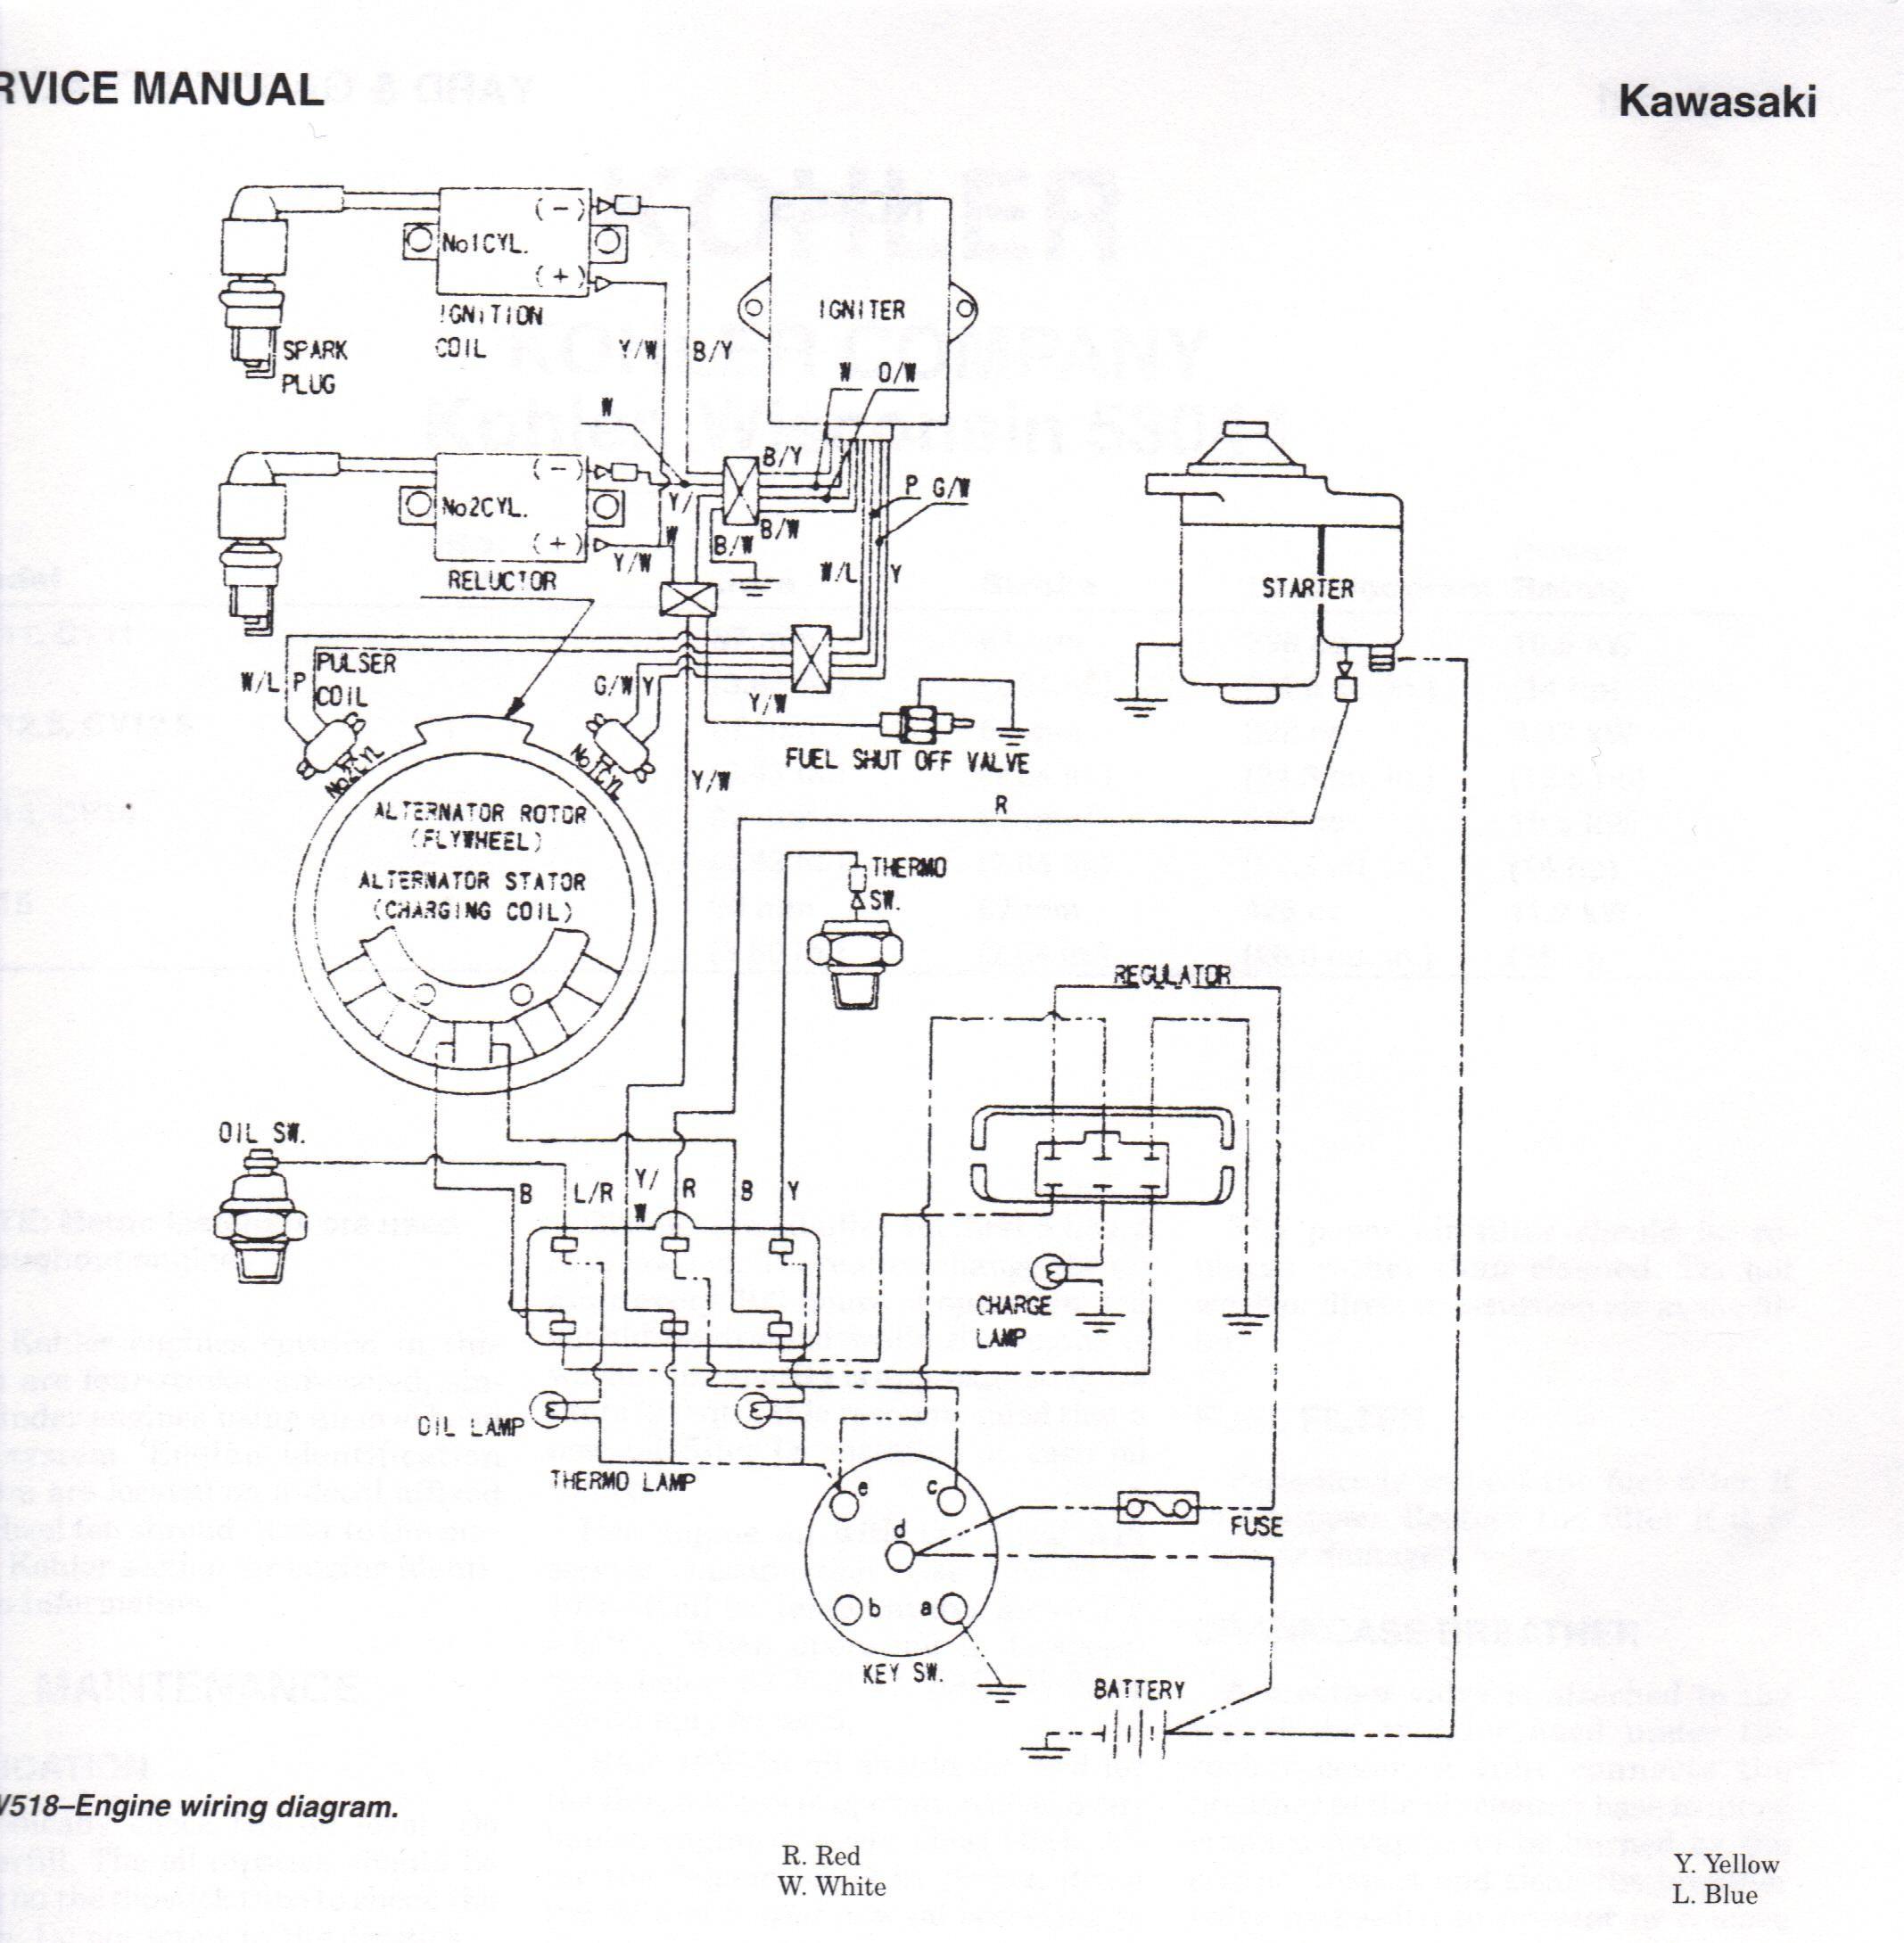 John Deere 345 Electrical Schematic Lo 1389] Wiring Diagram for 2640 John Deere Alternator Of John Deere 345 Electrical Schematic